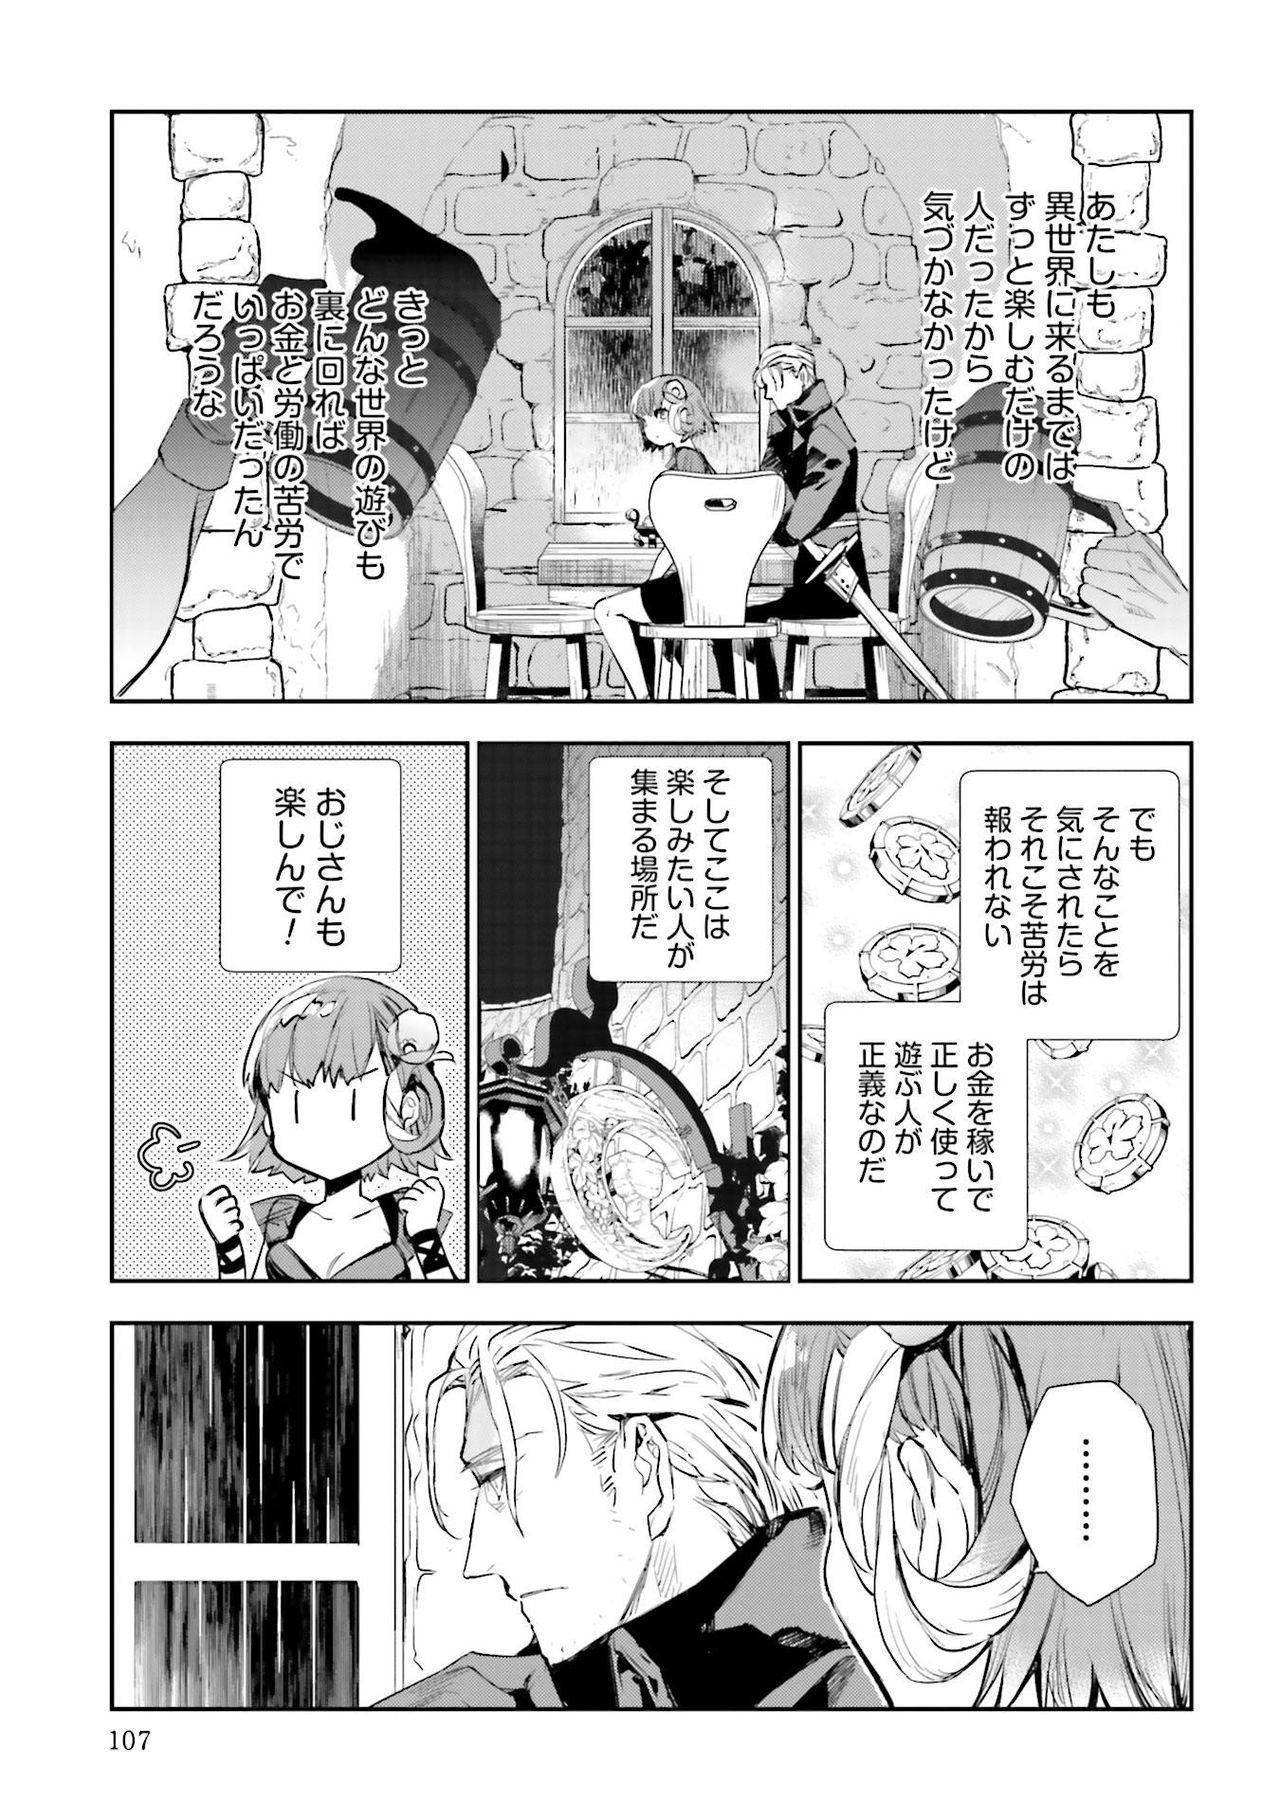 JK Haru wa Isekai de Shoufu ni Natta 1-14 466